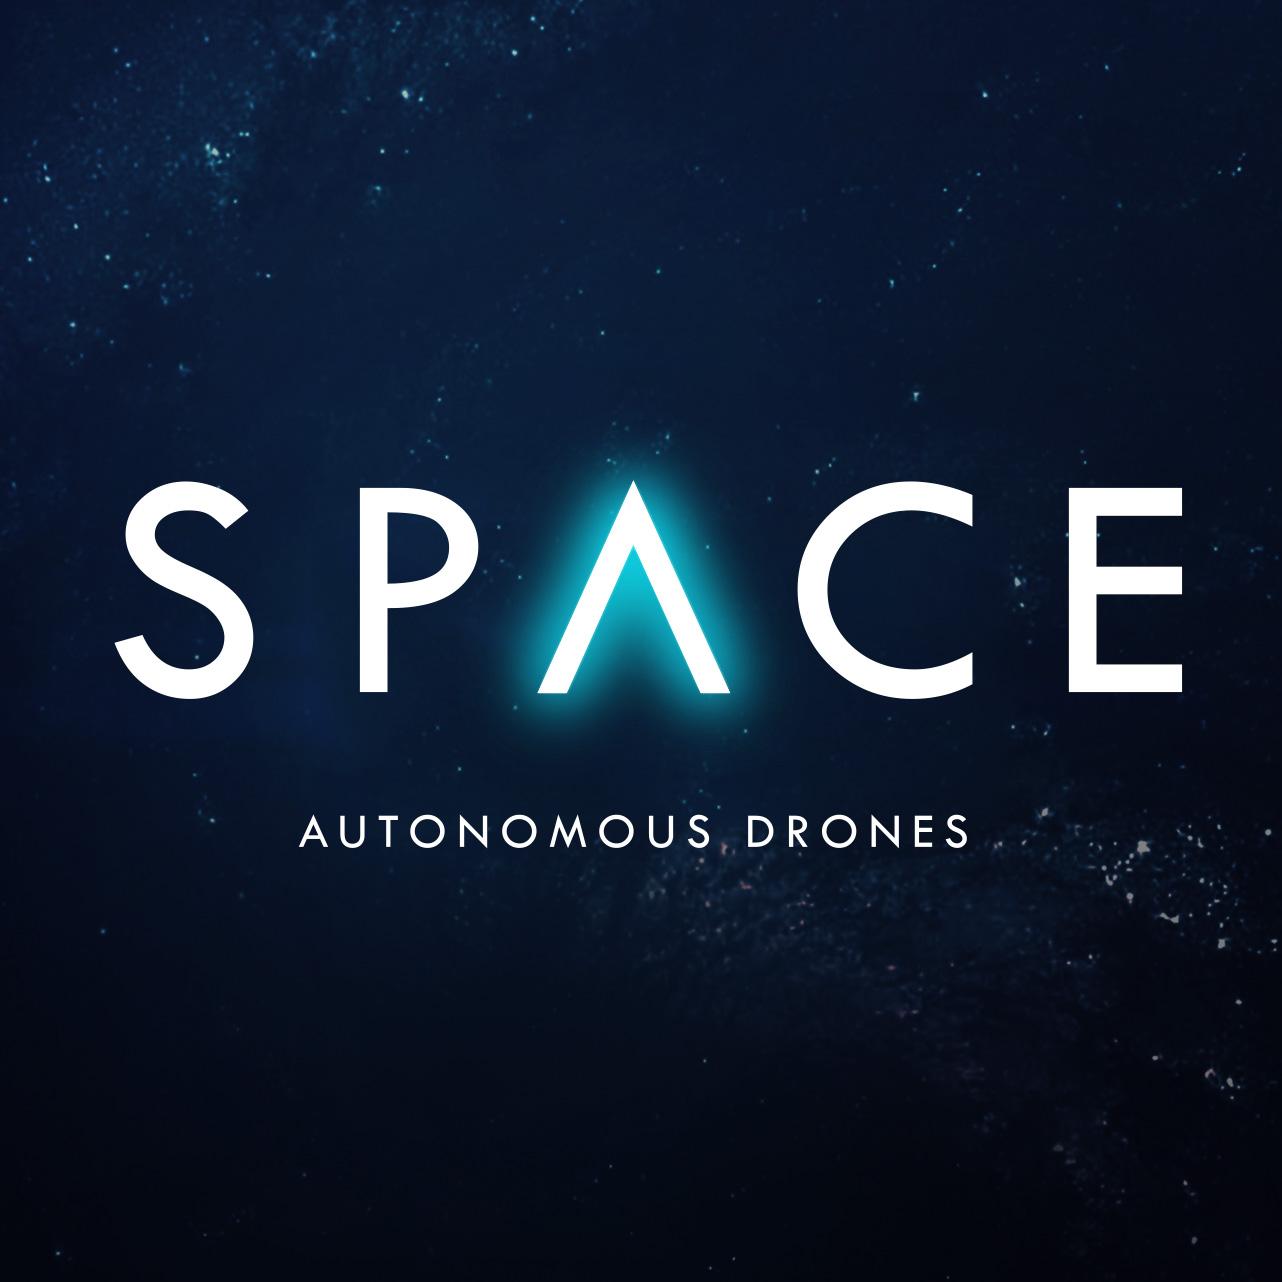 Space logo full.jpg